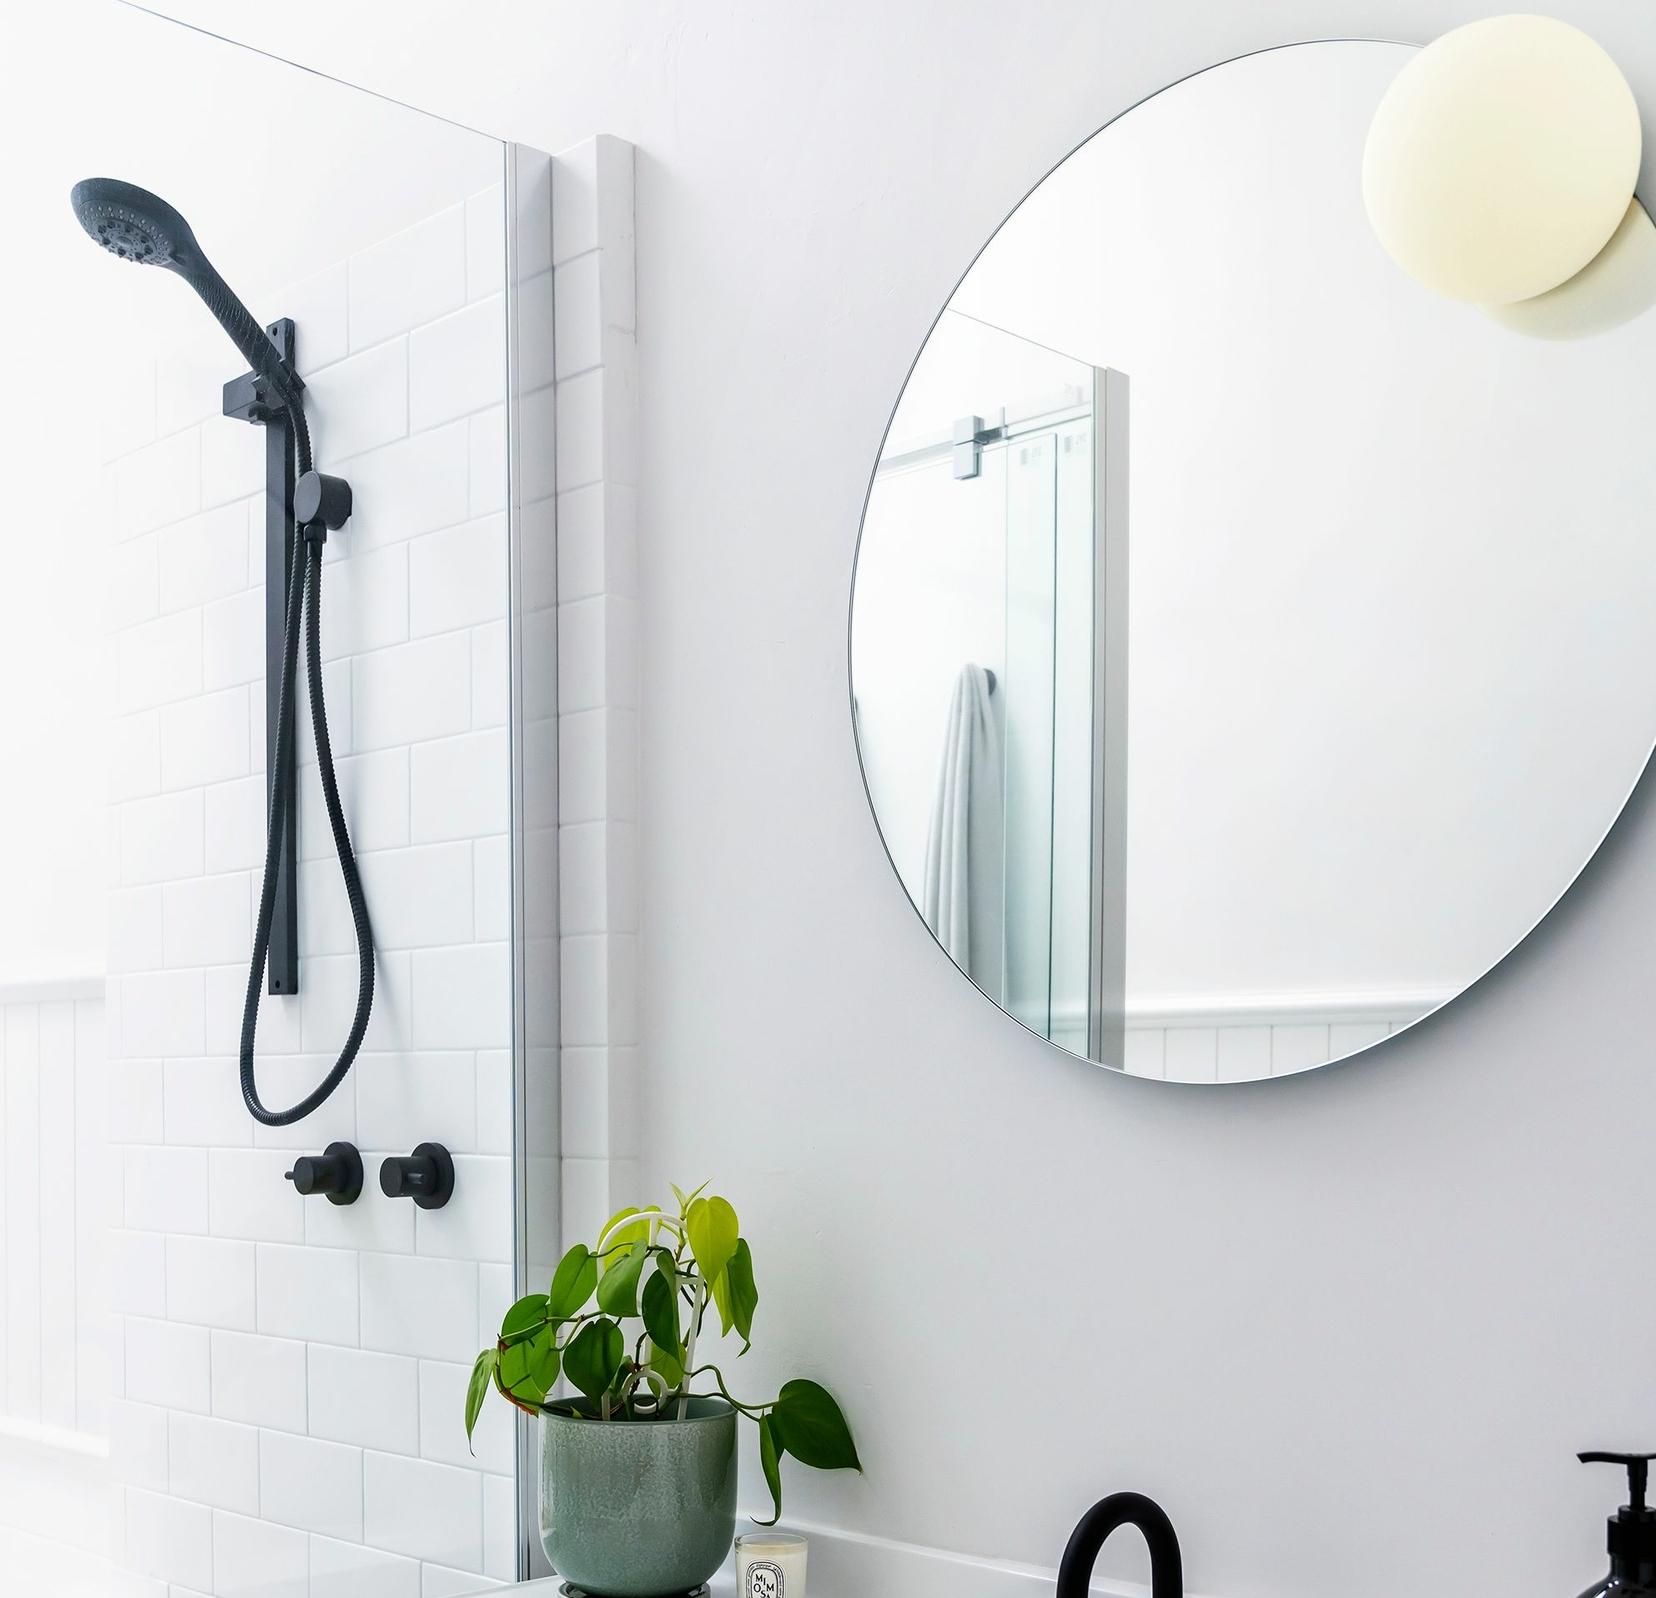 Applique murale lumineuse miroir rond grand format avec désembuage - Circ Estiluz